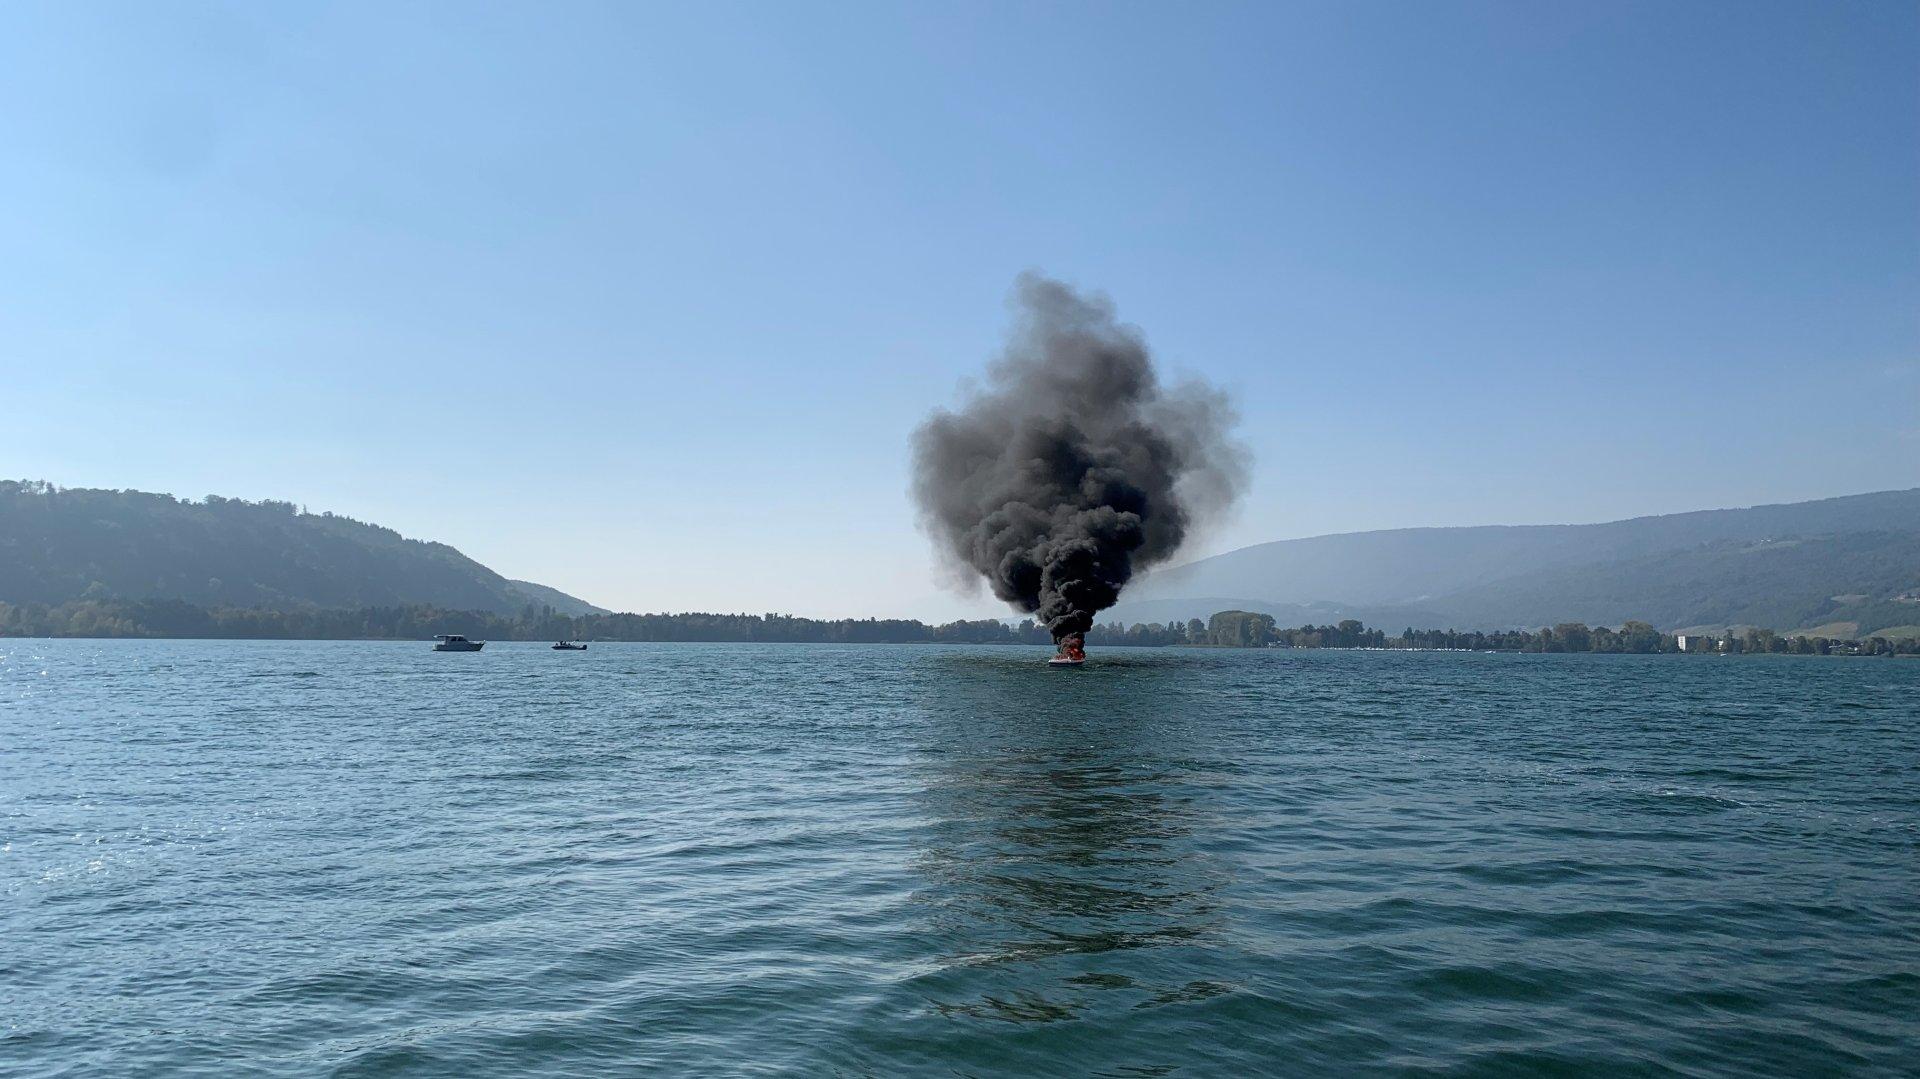 Le feu a pris dans un bateau sur le lac de Bienne ce samedi 16 octobre